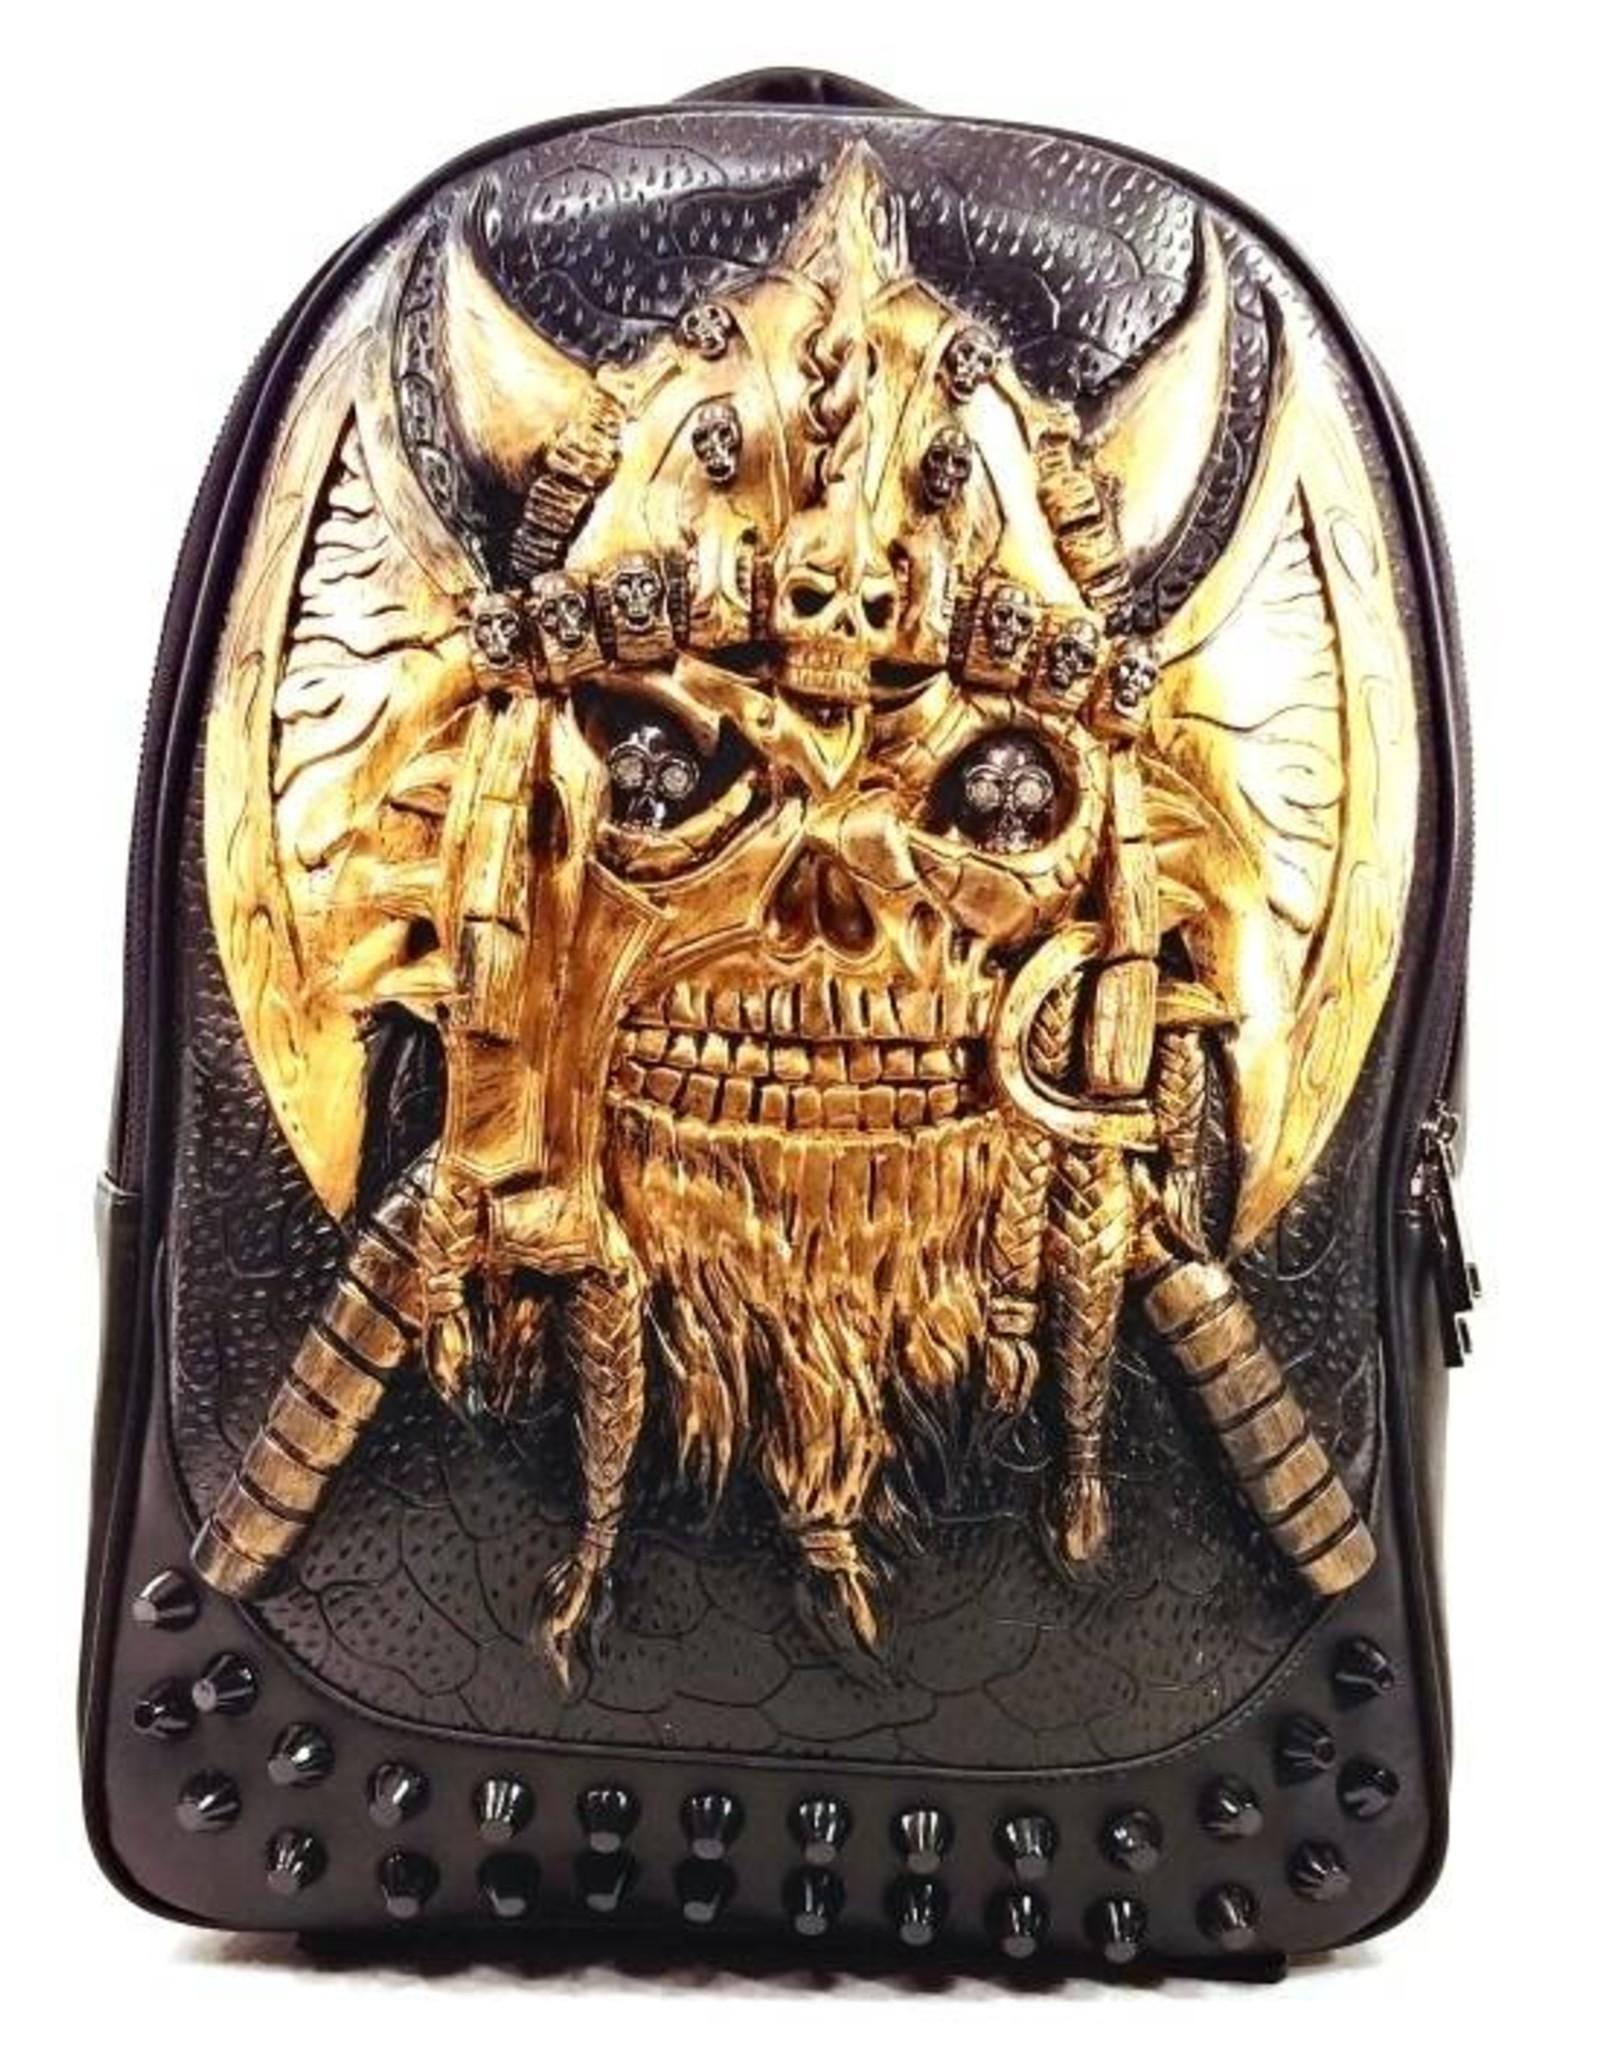 Dark Desire Gothic tassen Steampunk tassen - Gothic 3D rugzak Viking brons